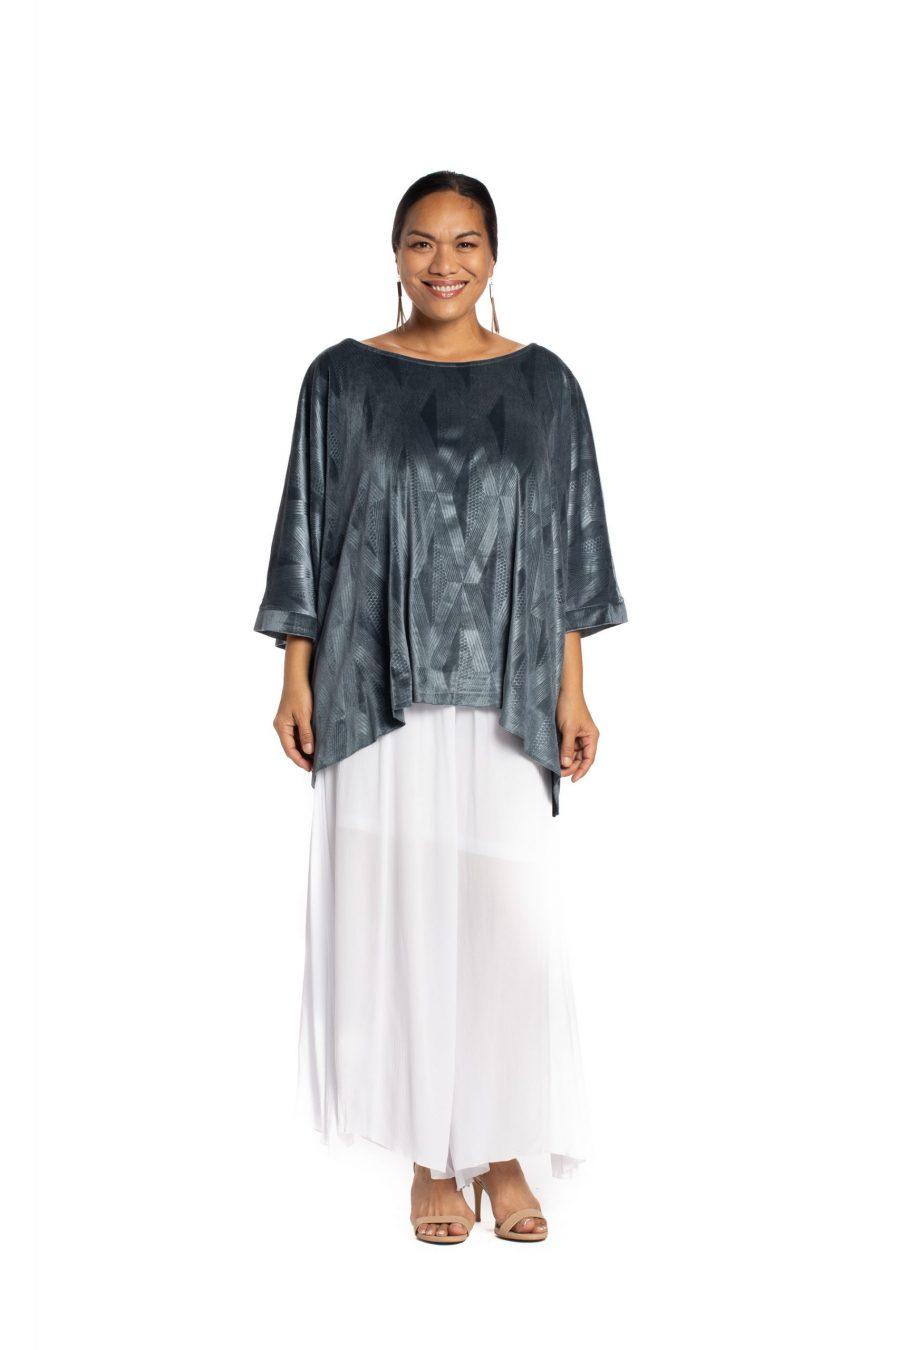 Model wearing Pakele Top in Sharkskin Kanaloa Pattern- Front View